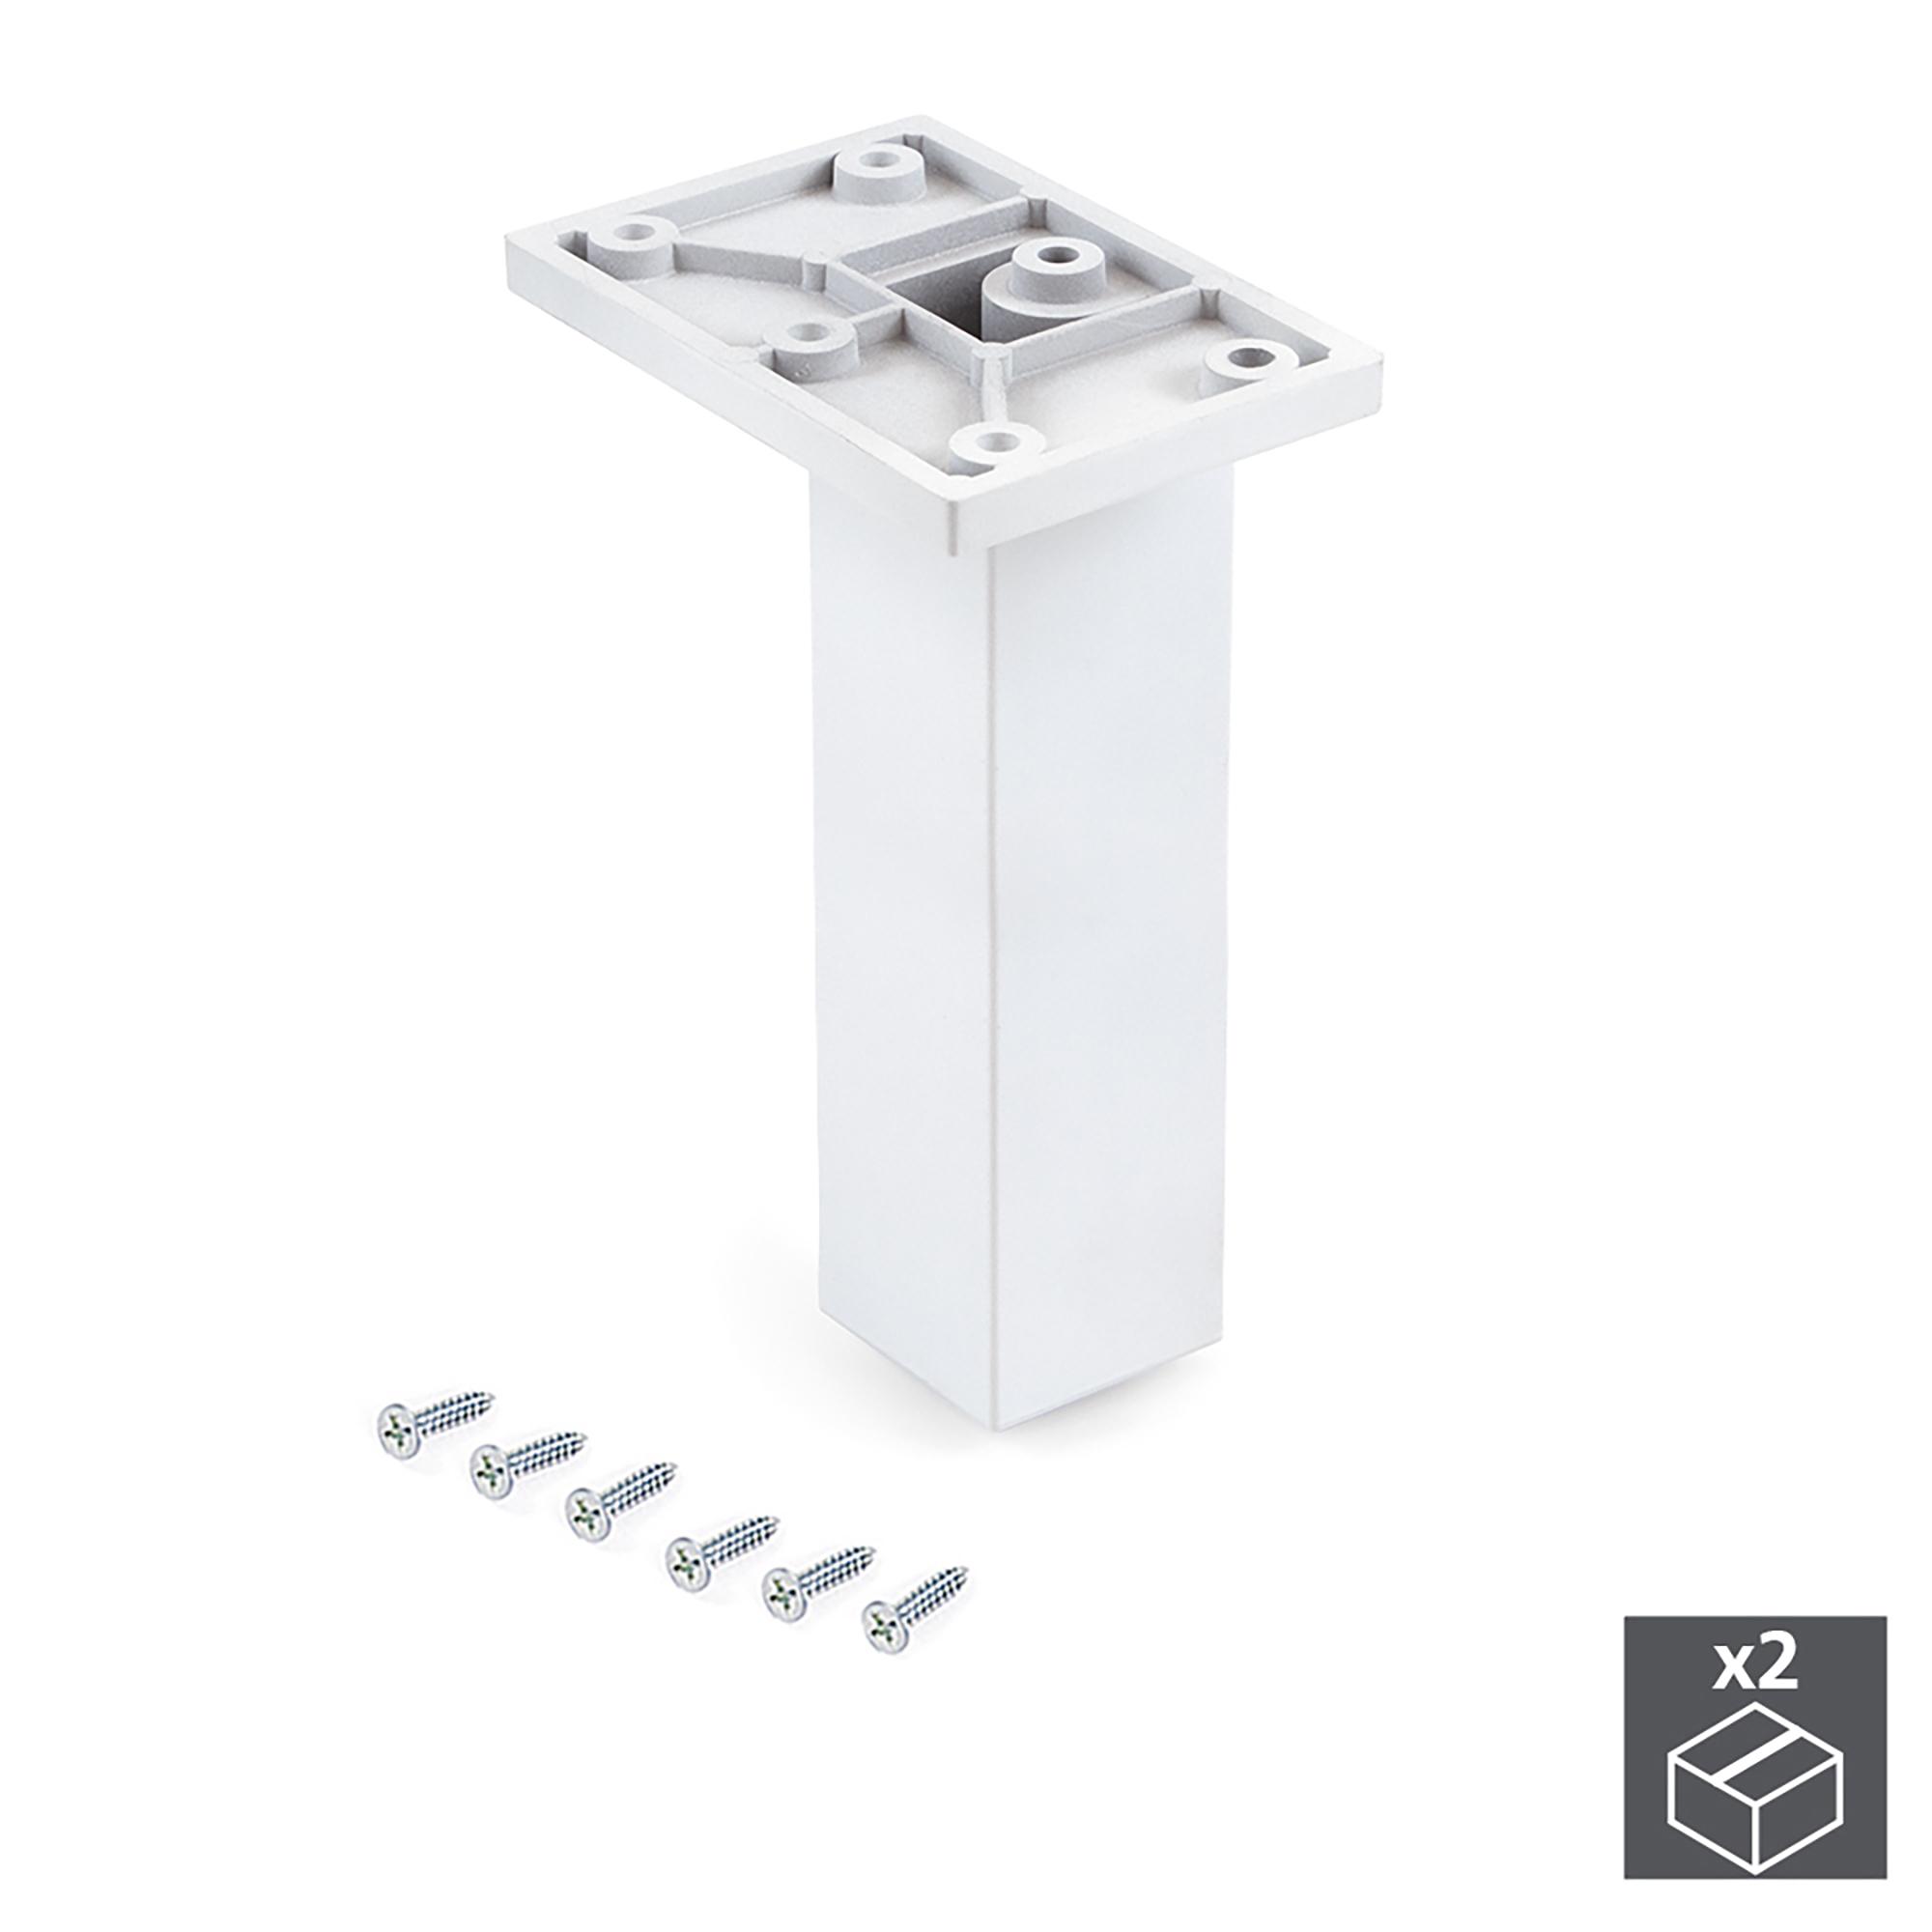 Emuca Piedino per mobile, centrale, regolabile, 140 - 150 mm, Plastica, Bianco, 2 un.